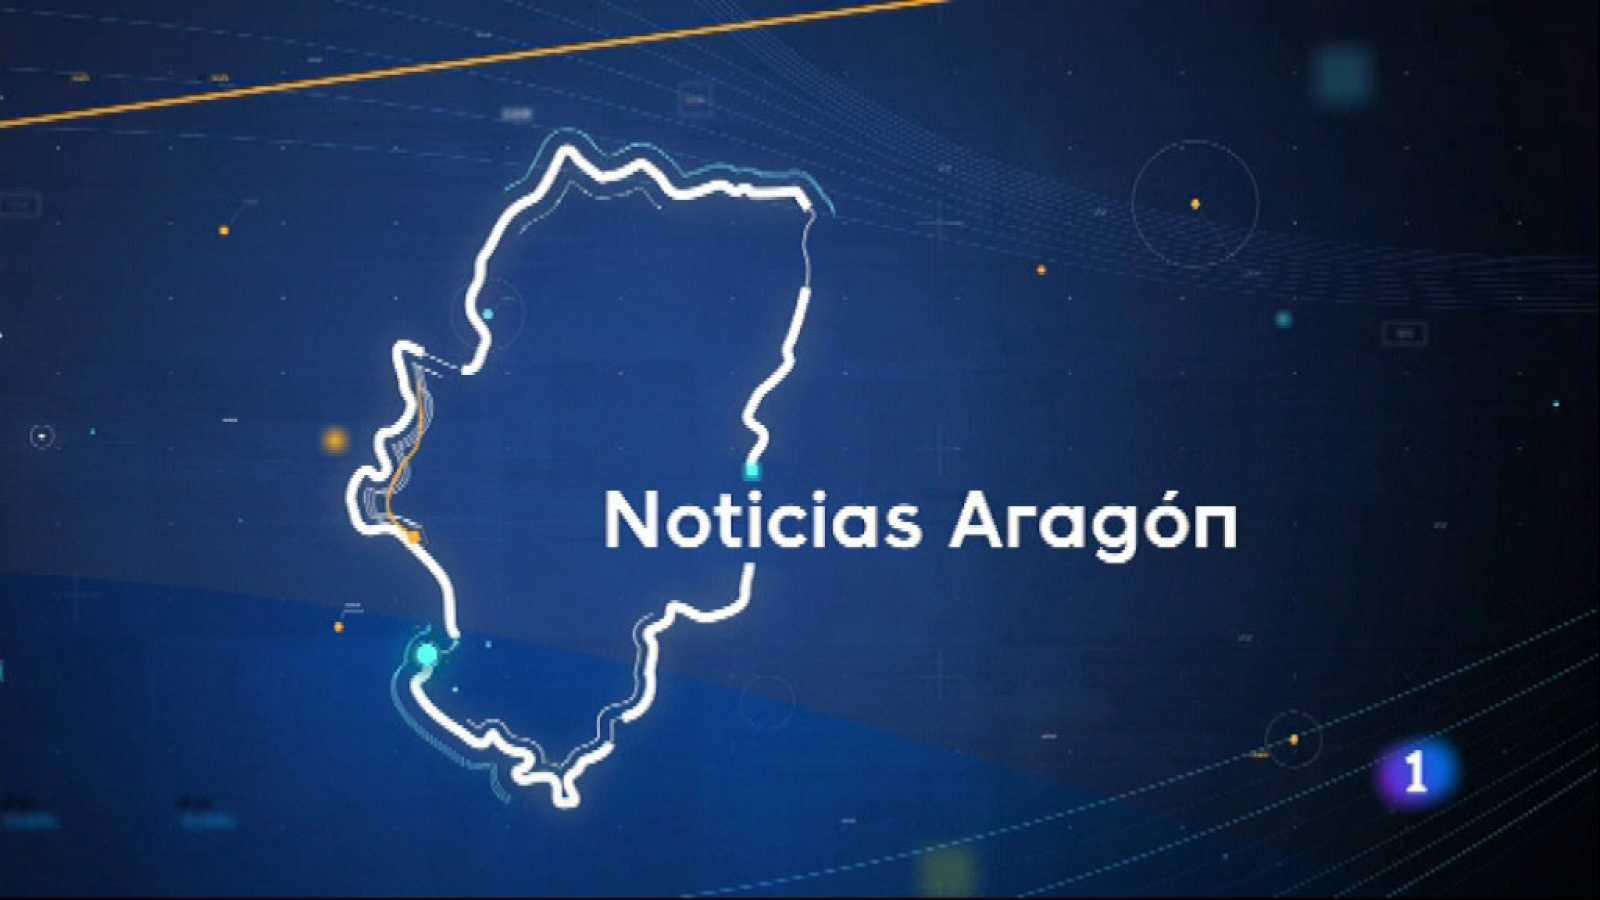 Aragón en 2 - 24/02/2021 - Ver ahora